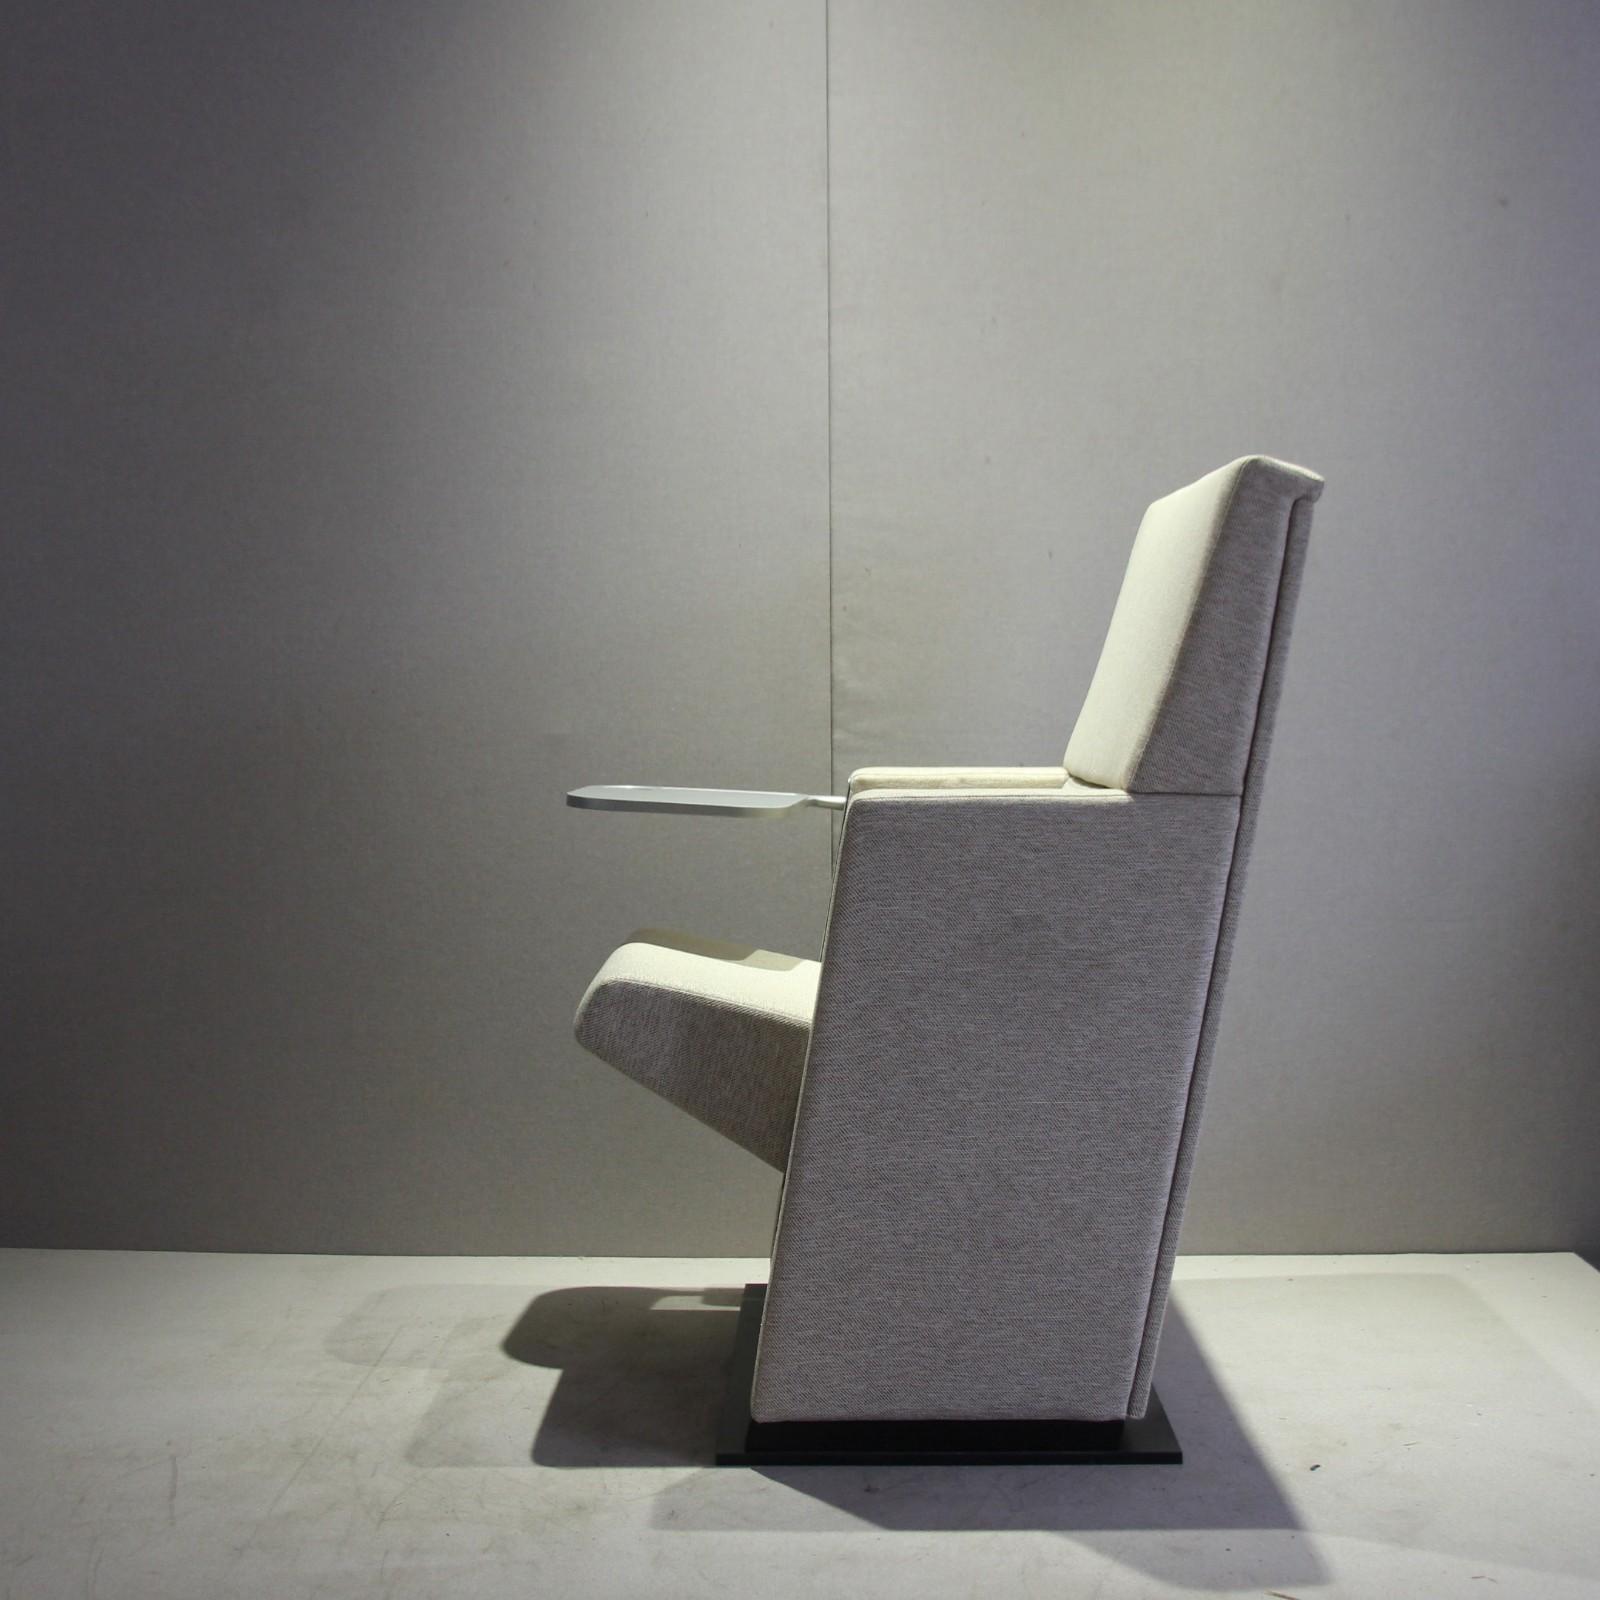 学校礼堂椅 一线天比萨 礼堂椅厂家豪华礼堂椅